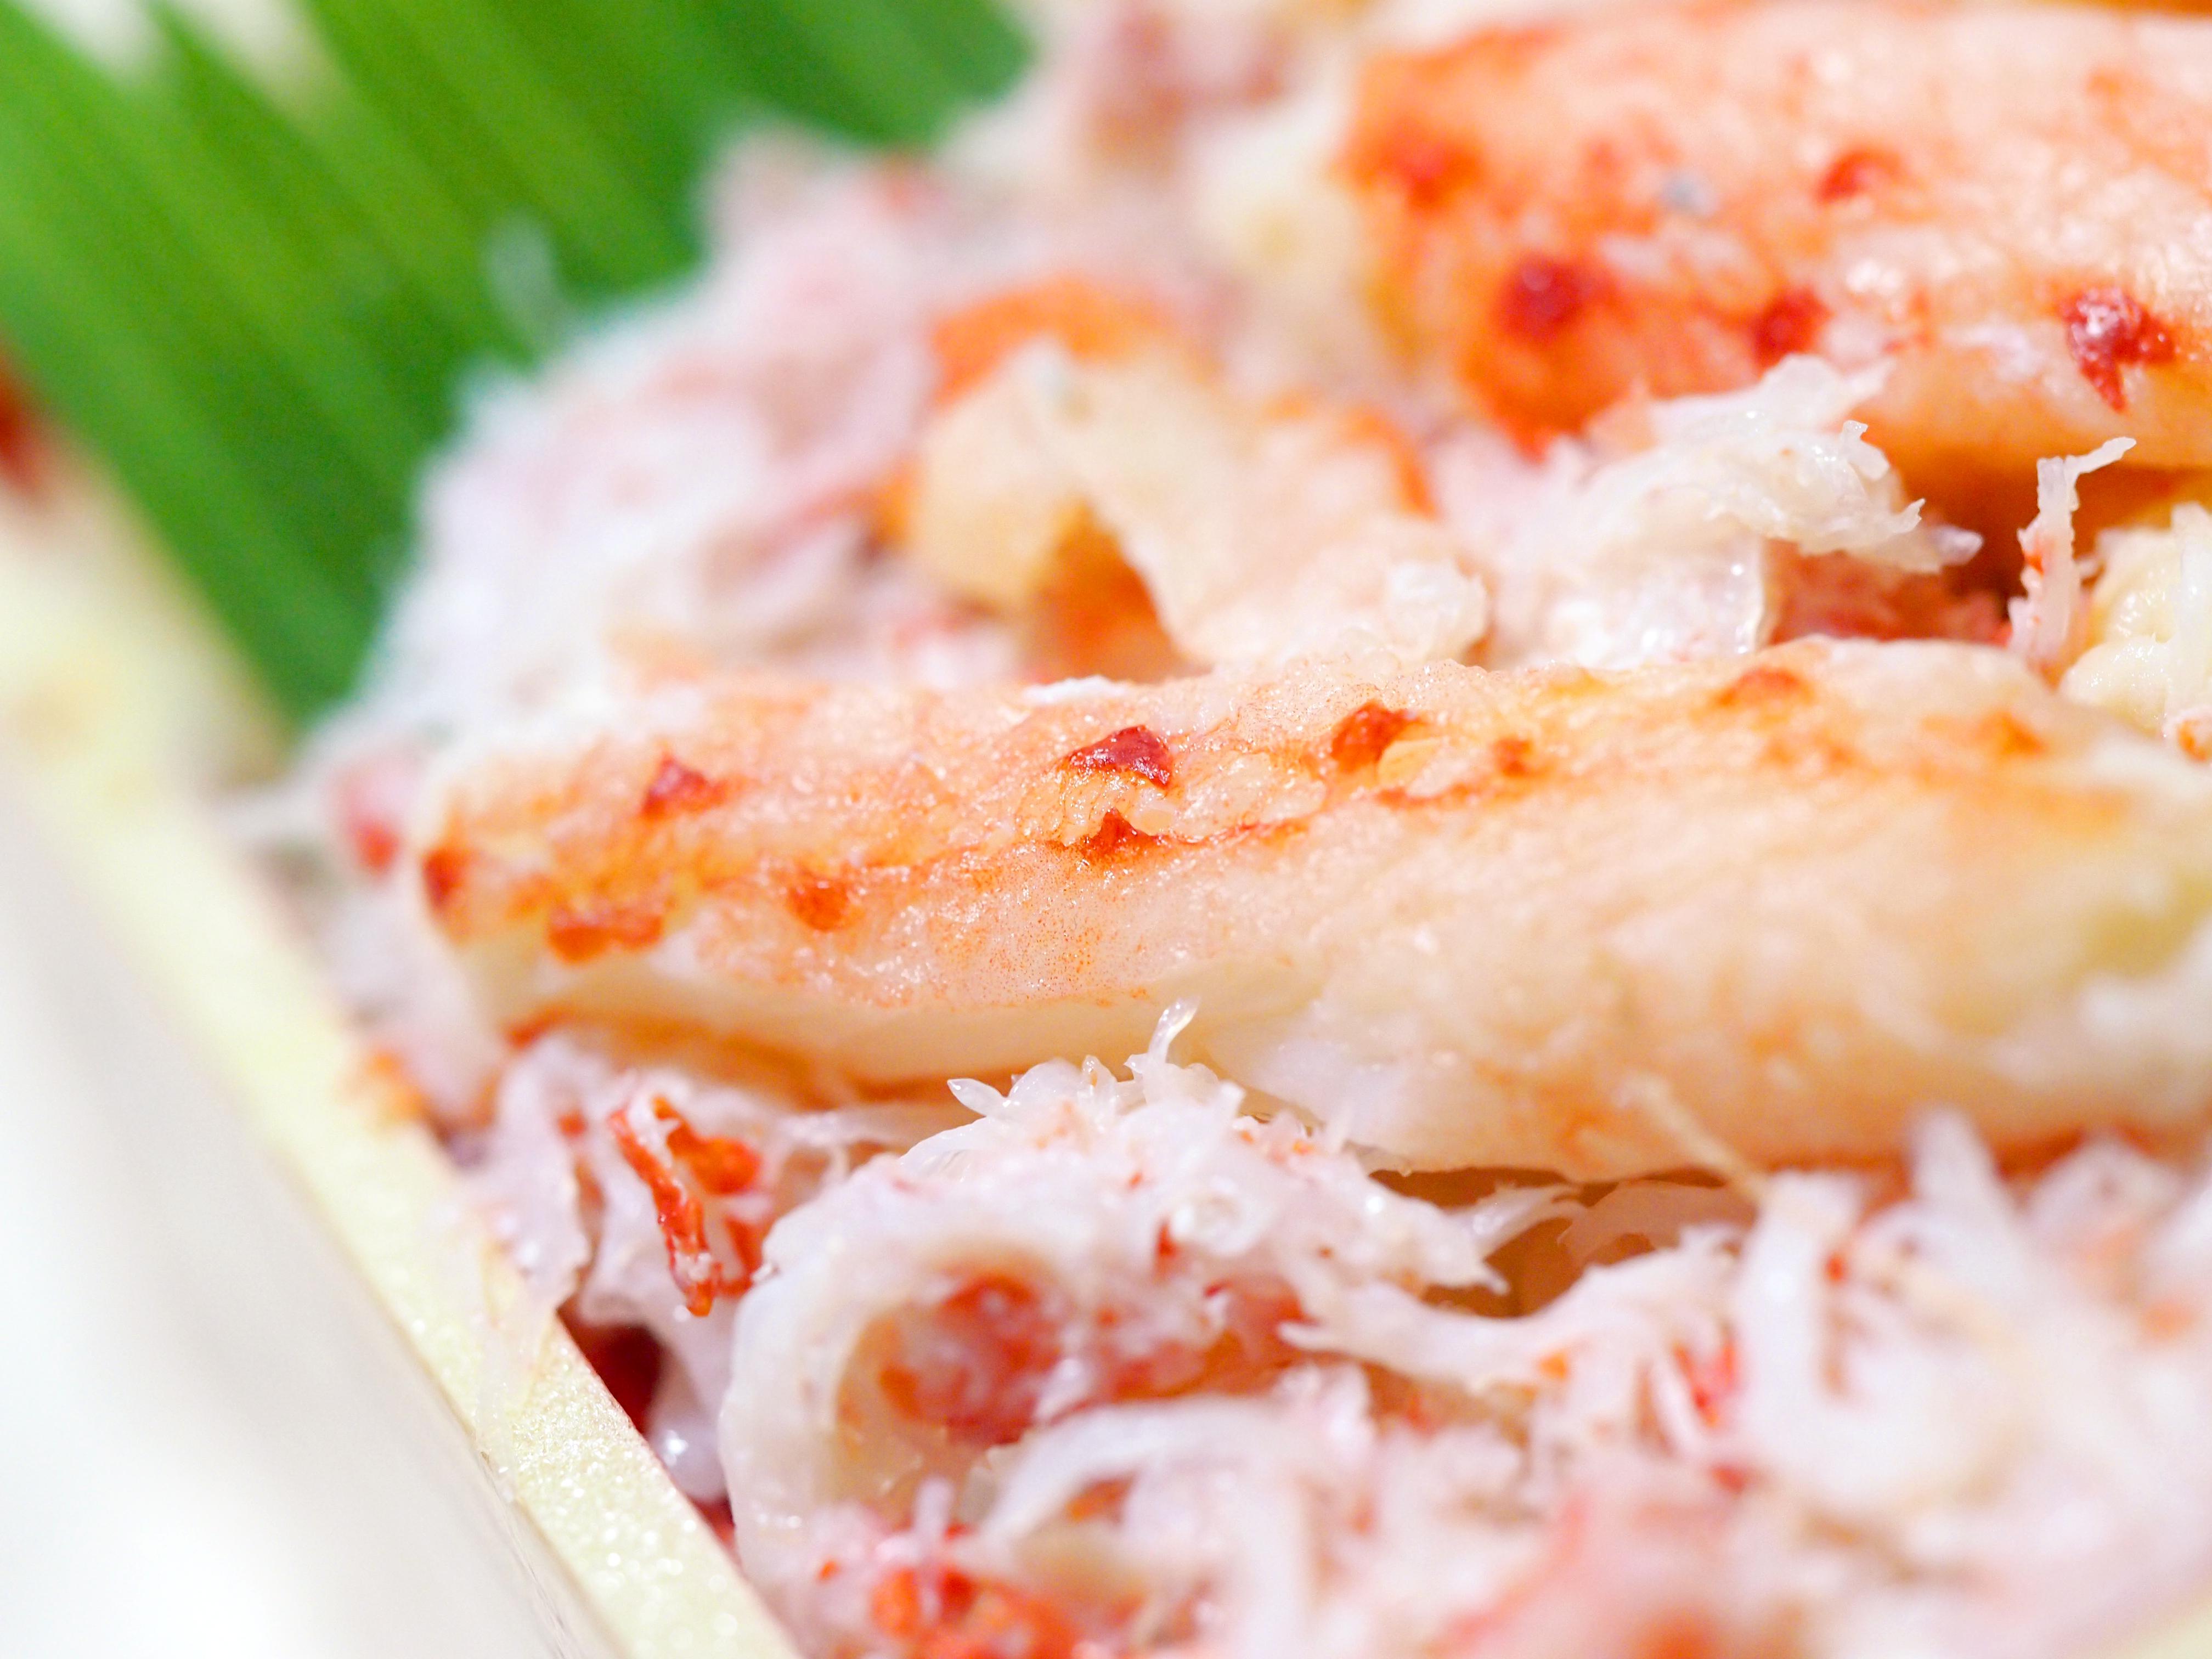 ハナサキガニのおすすめの食べ方